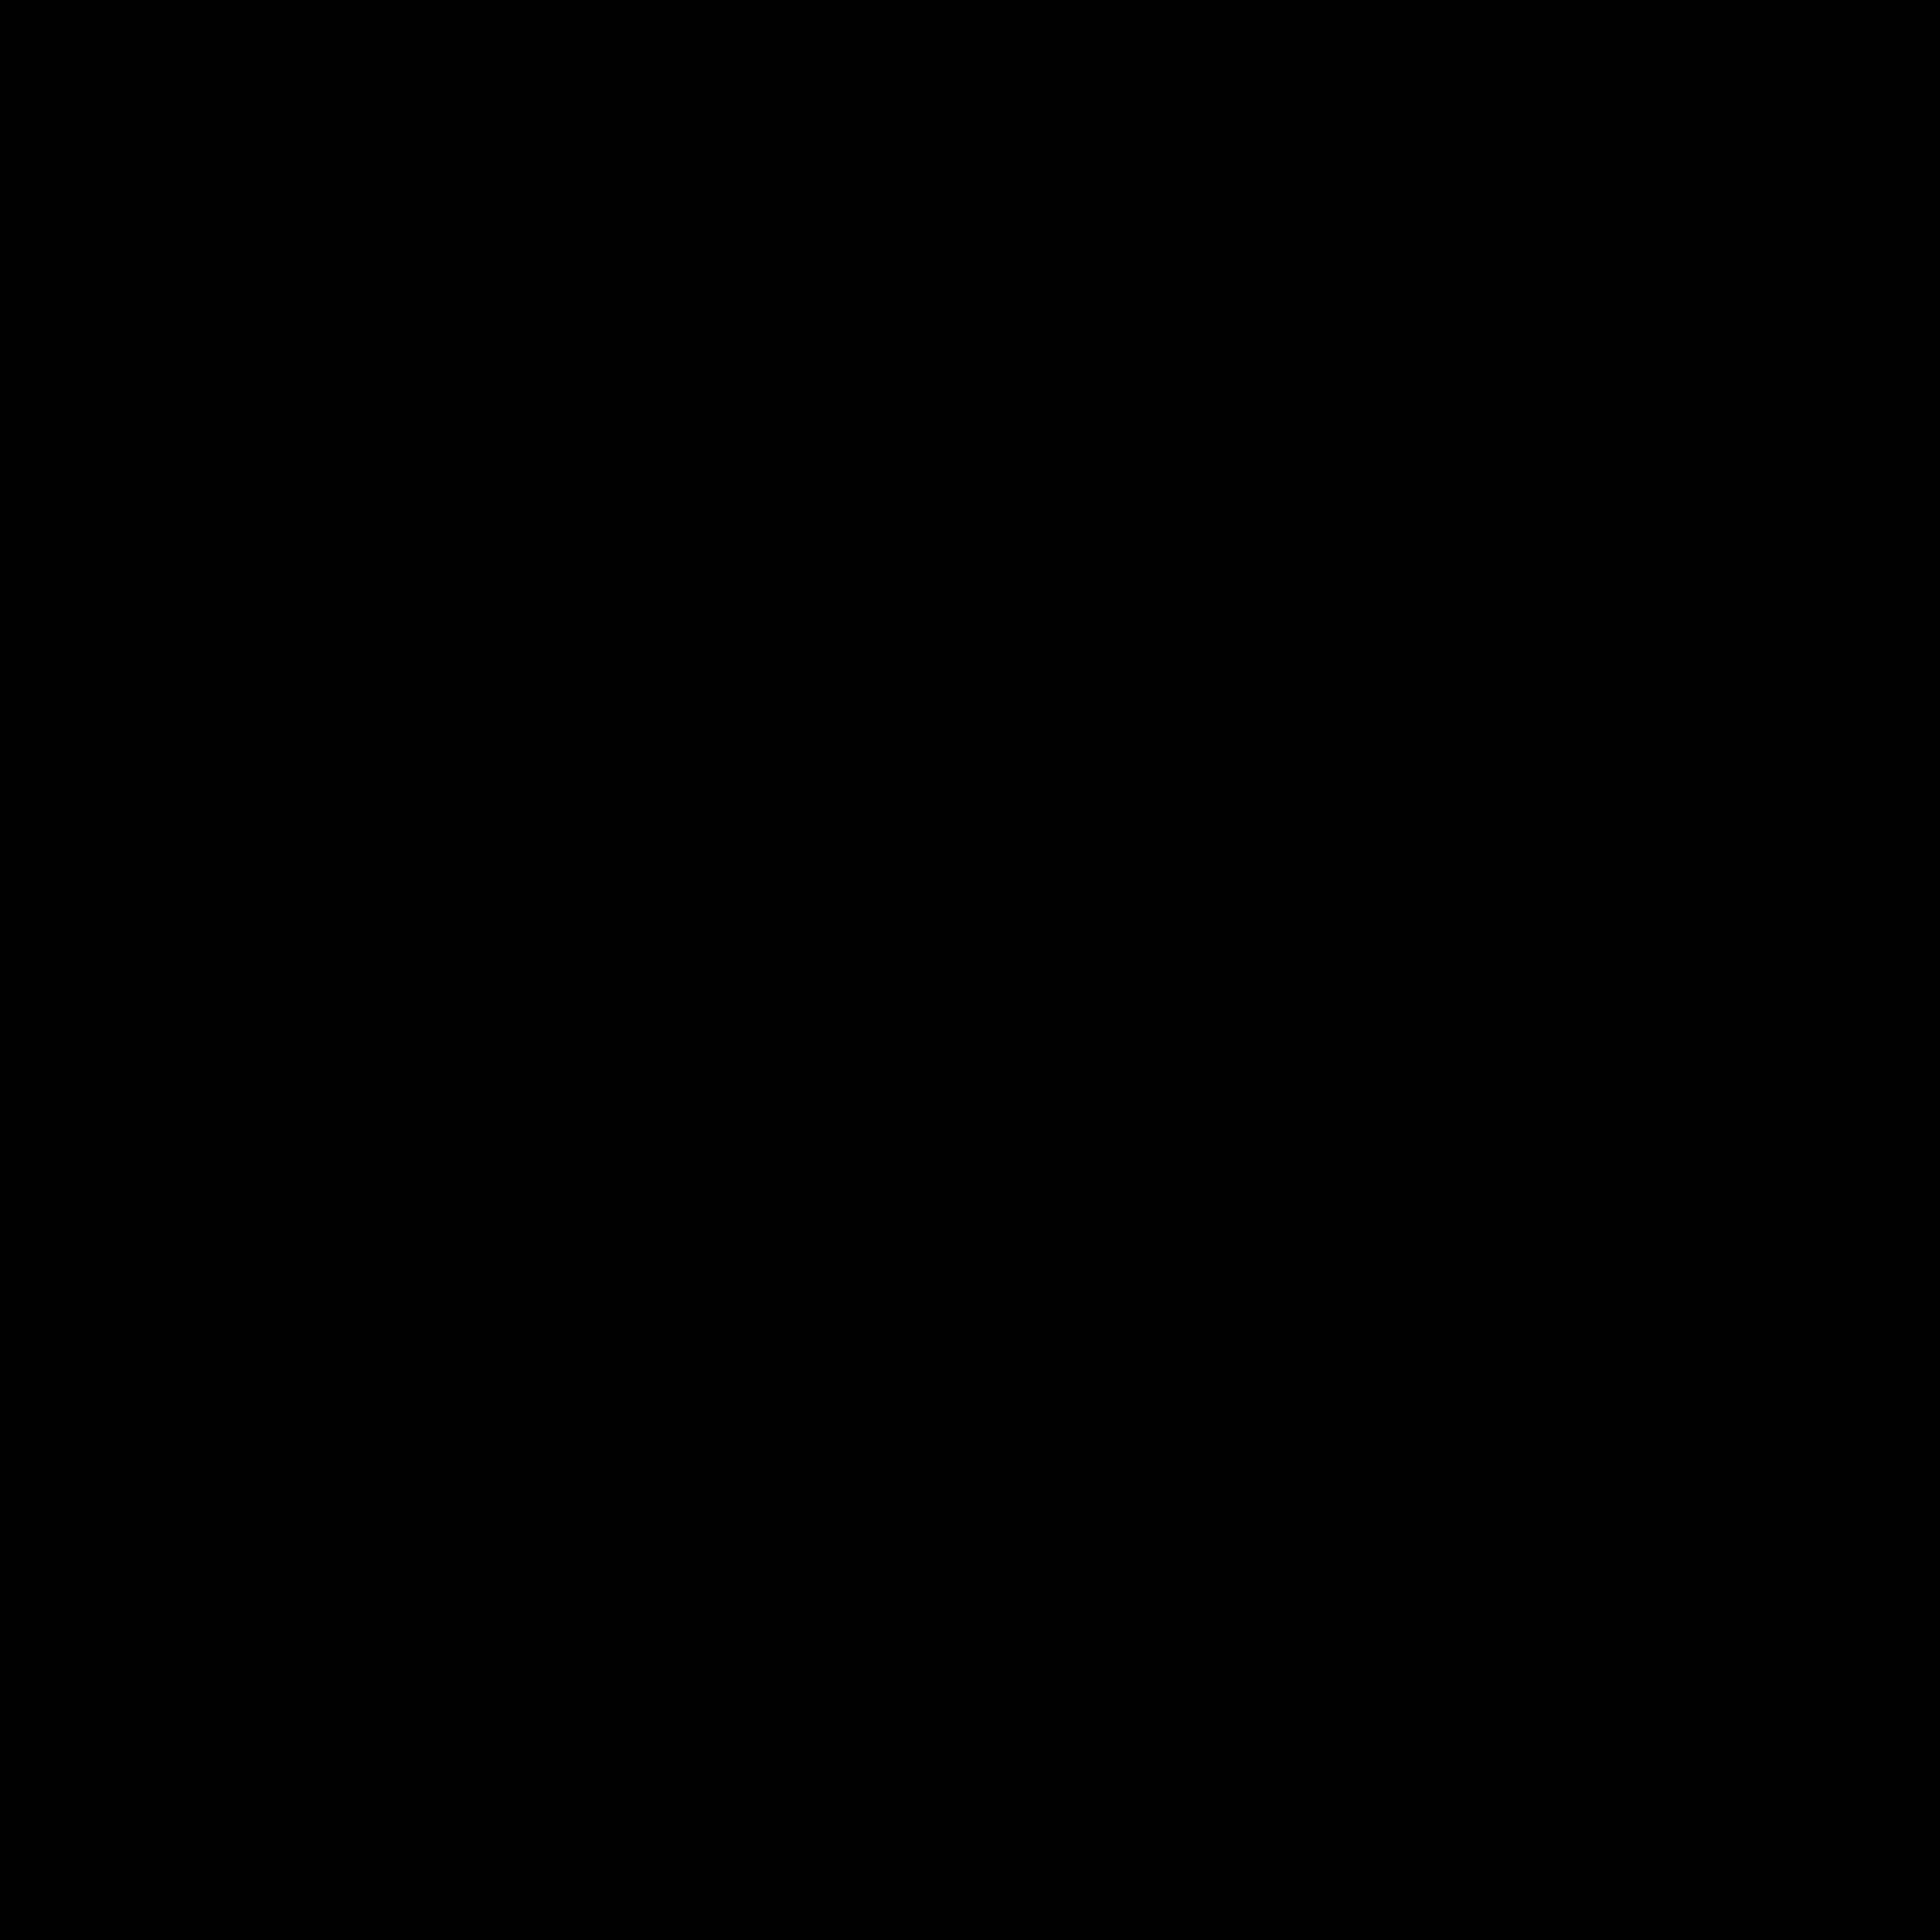 Concert_Poster_EU_2048x2048